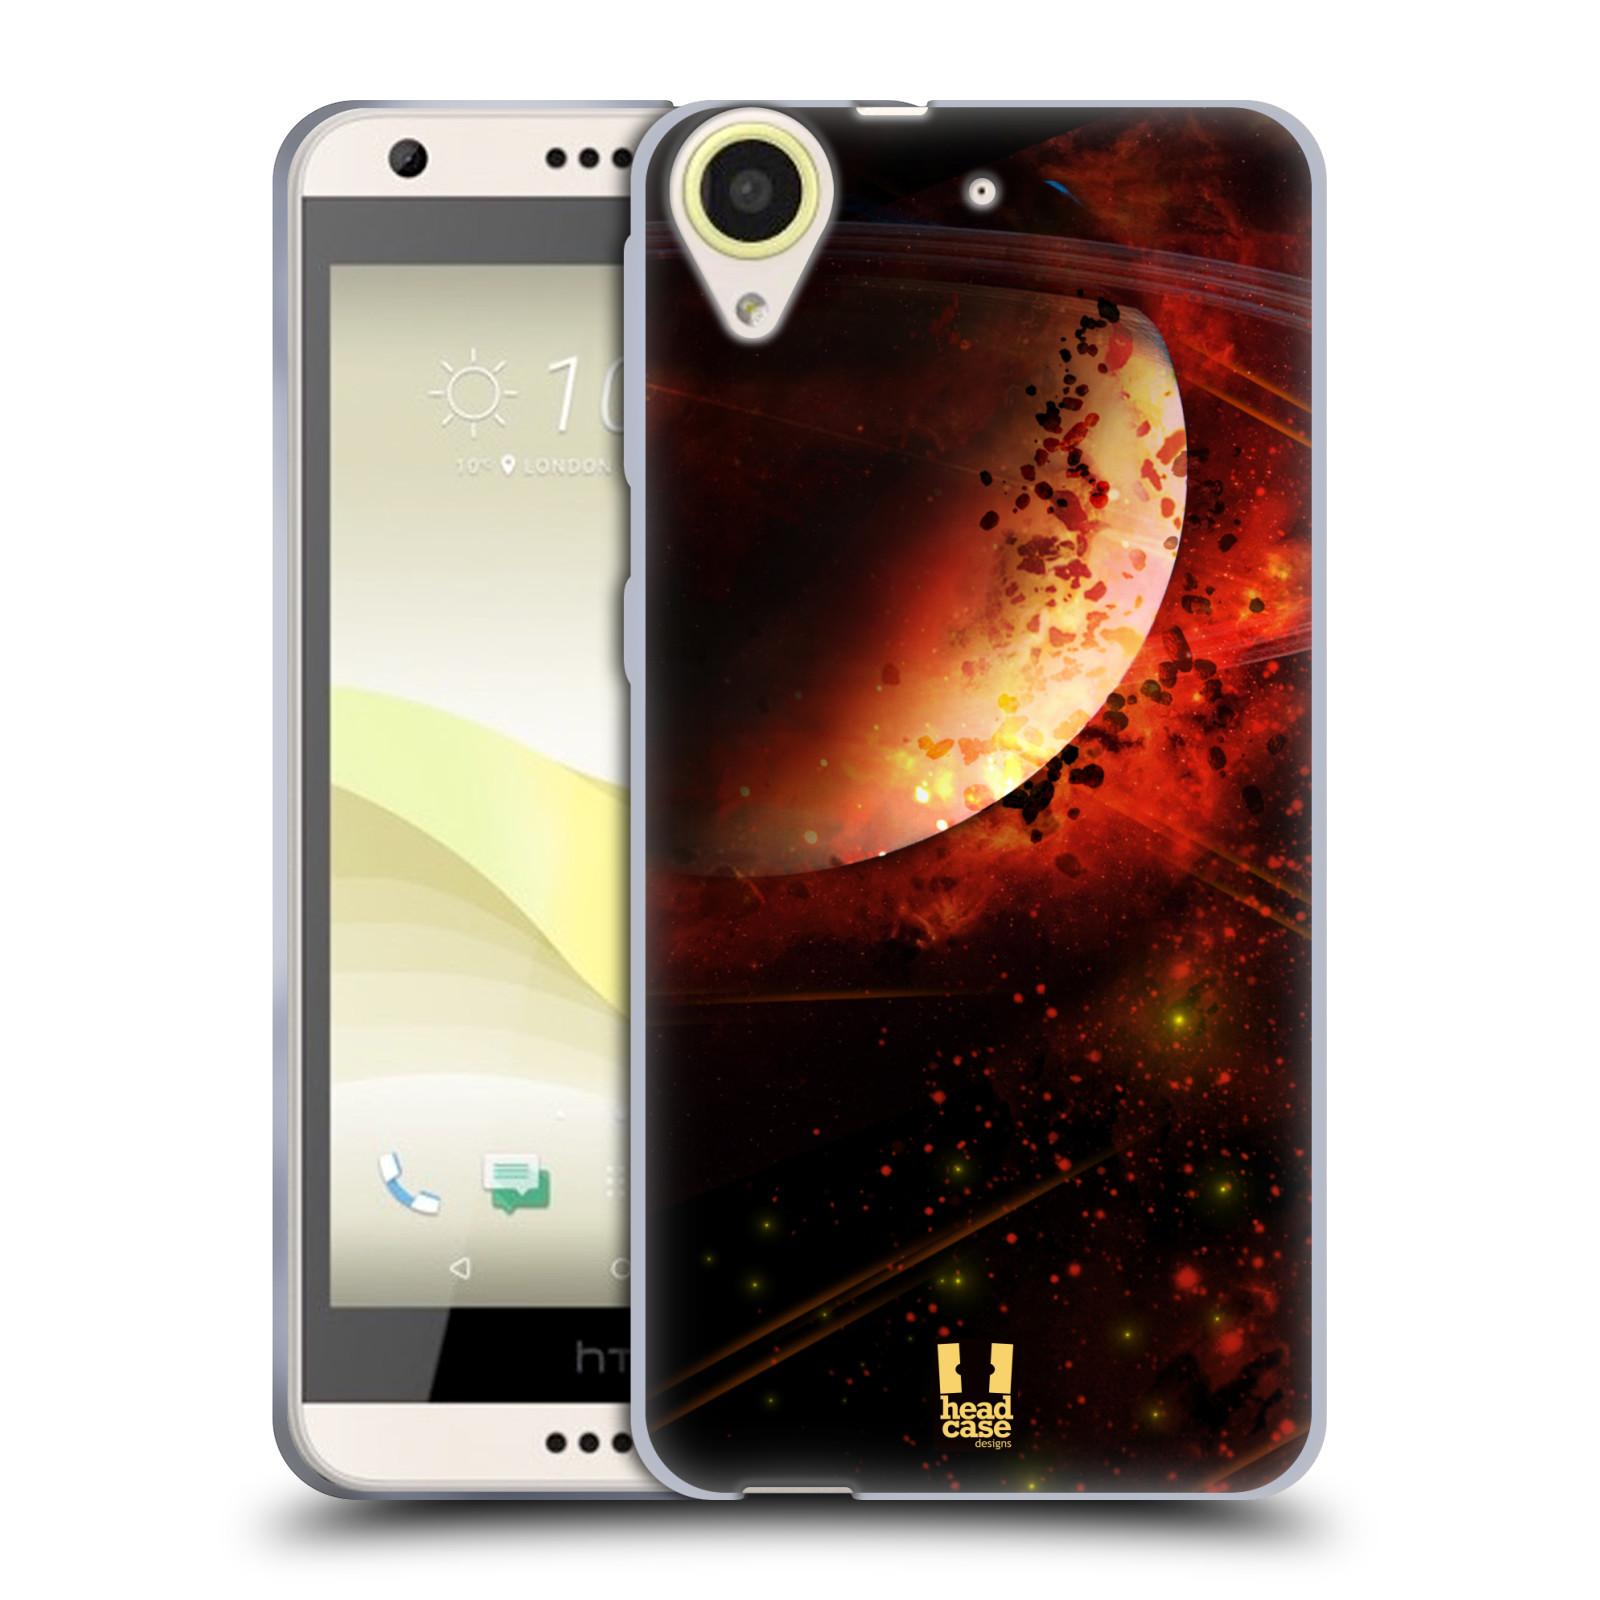 Silikonové pouzdro na mobil HTC Desire 650 HEAD CASE SATURN (Silikonový kryt či obal na mobilní telefon HTC Desire 650)